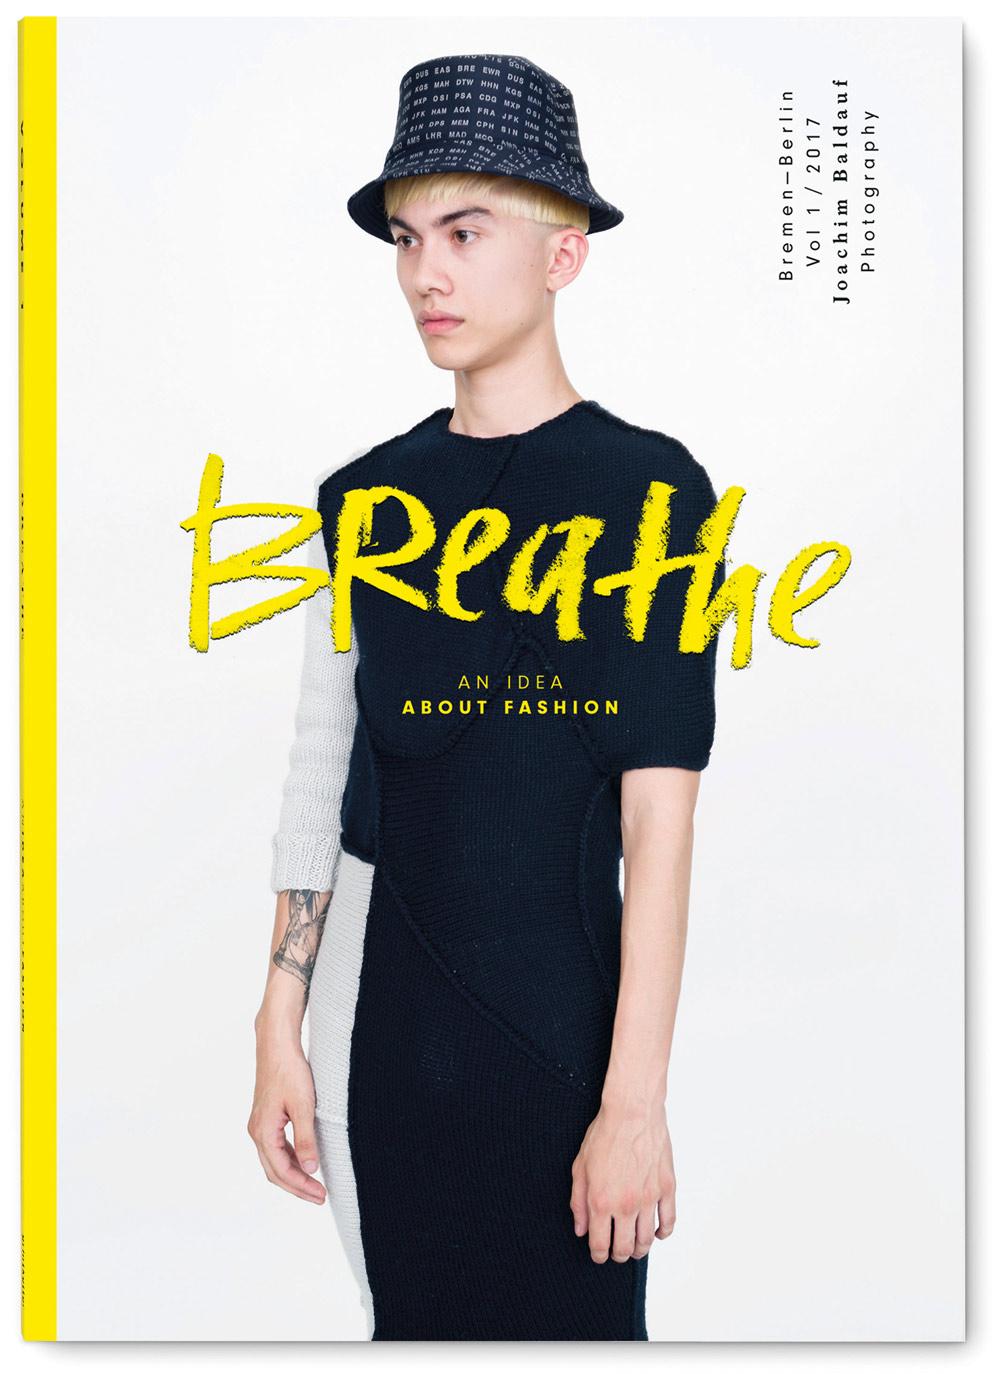 Joachim Baldauf fotografierte Modedesignstudenten an der Hochschule der Künste Bremen – und veröffentlichte die Bilder im ersten Band der Reihe »Breathe«. www.printkultur.de